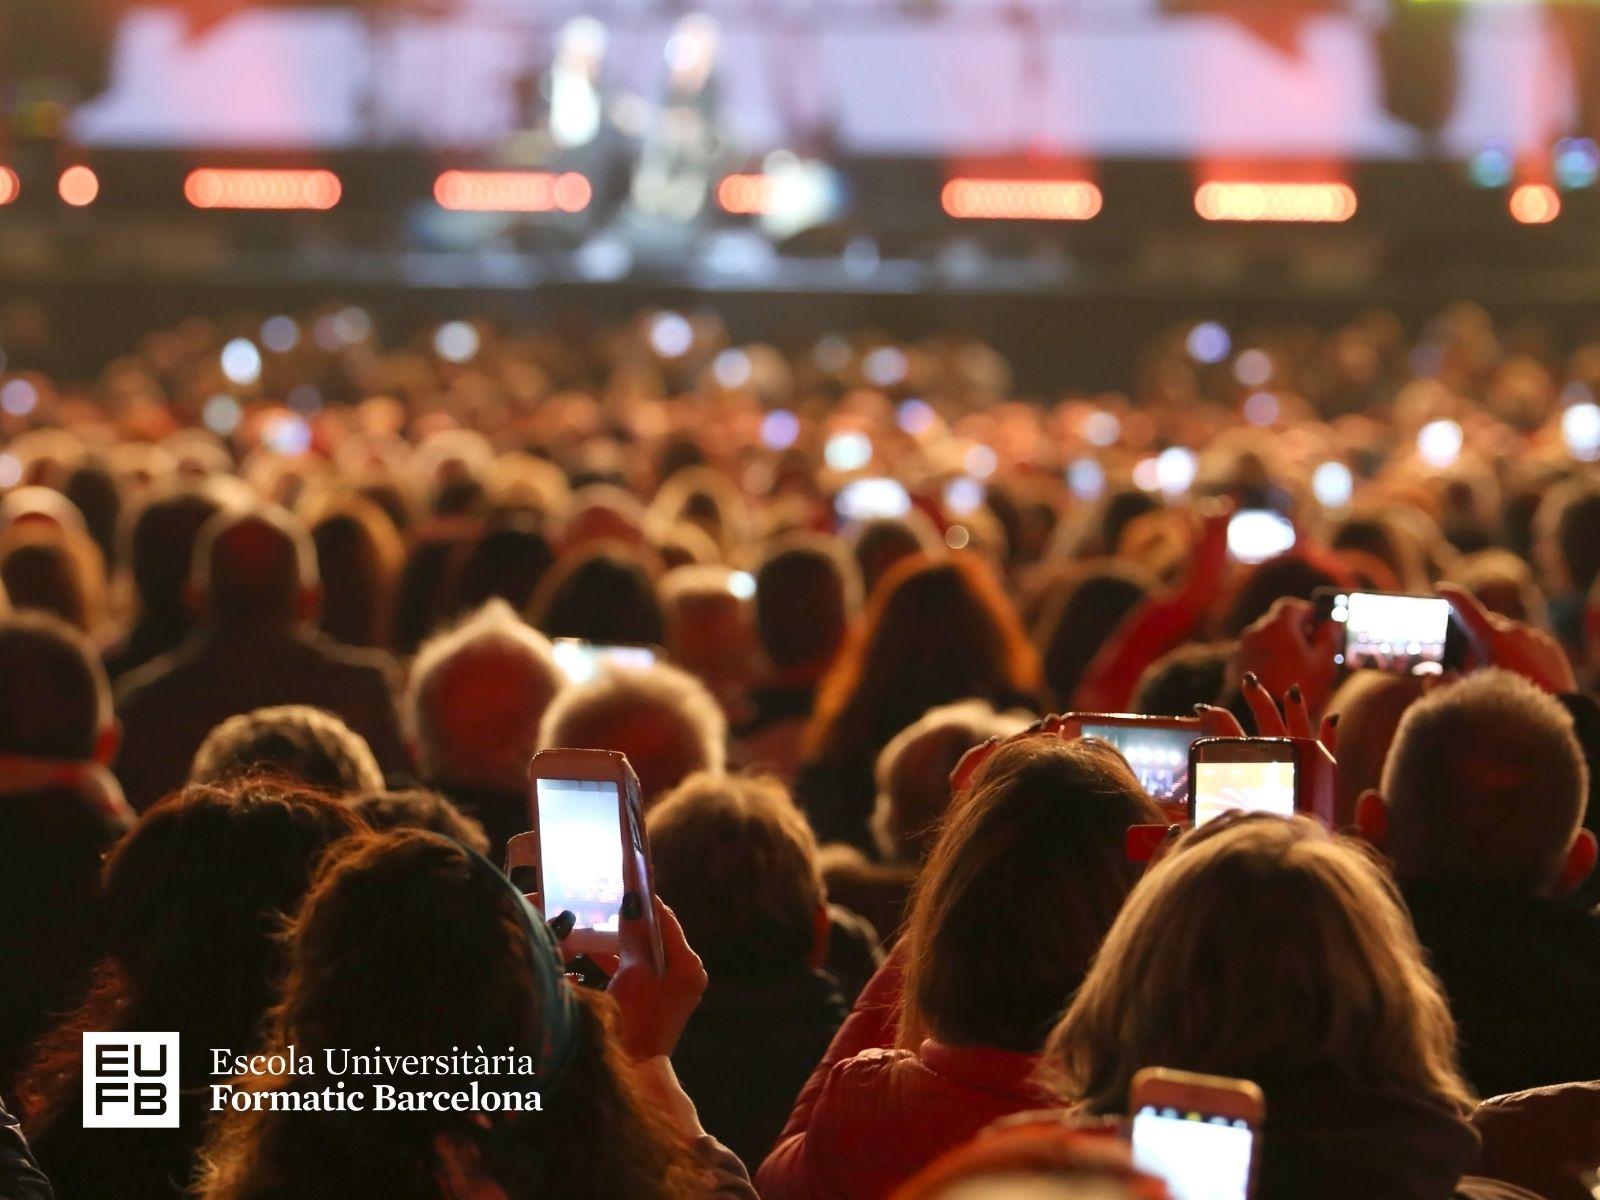 Cambios de tendencia en la organización de eventos durante este 2021 | Escuela Universitaria Formatic Barcelona